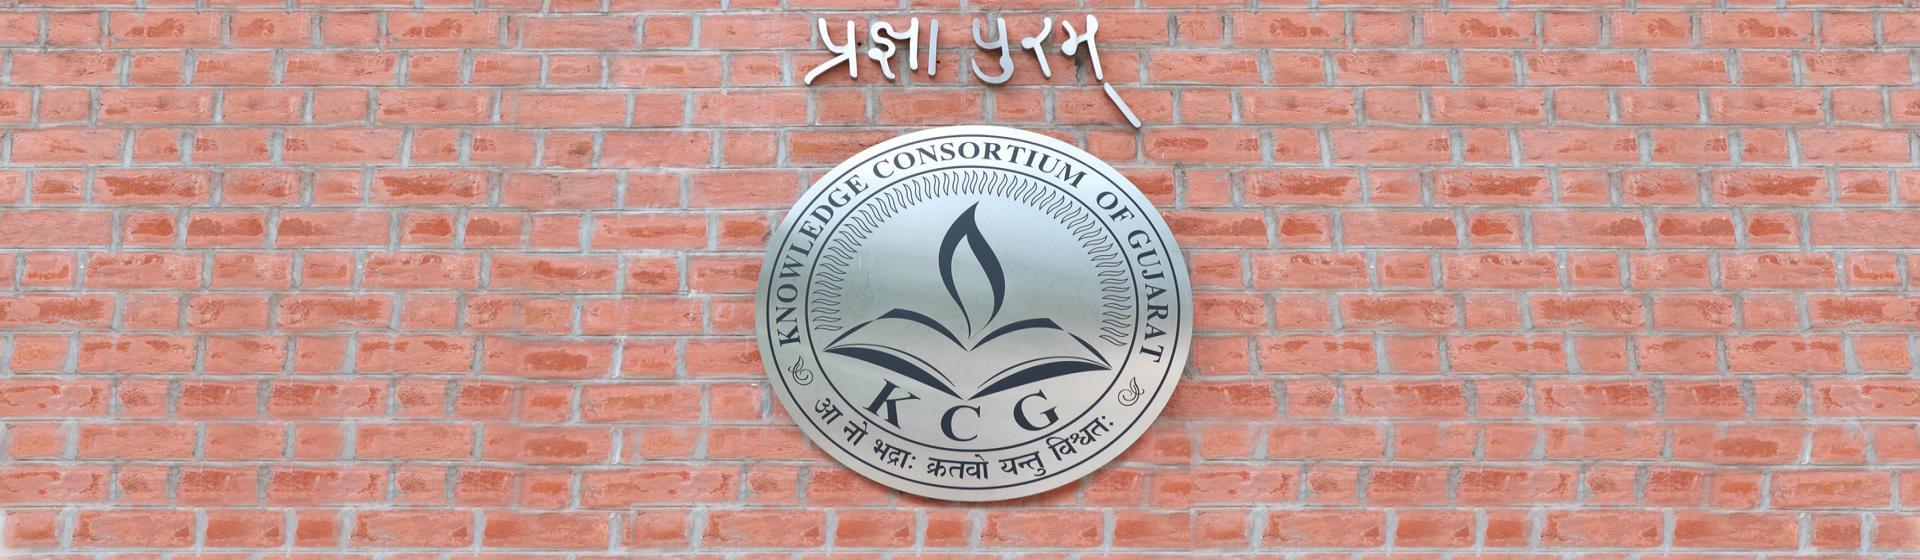 નોલેજ કન્સોર્ટિયમ ઓફ ગુજરાત લોગો